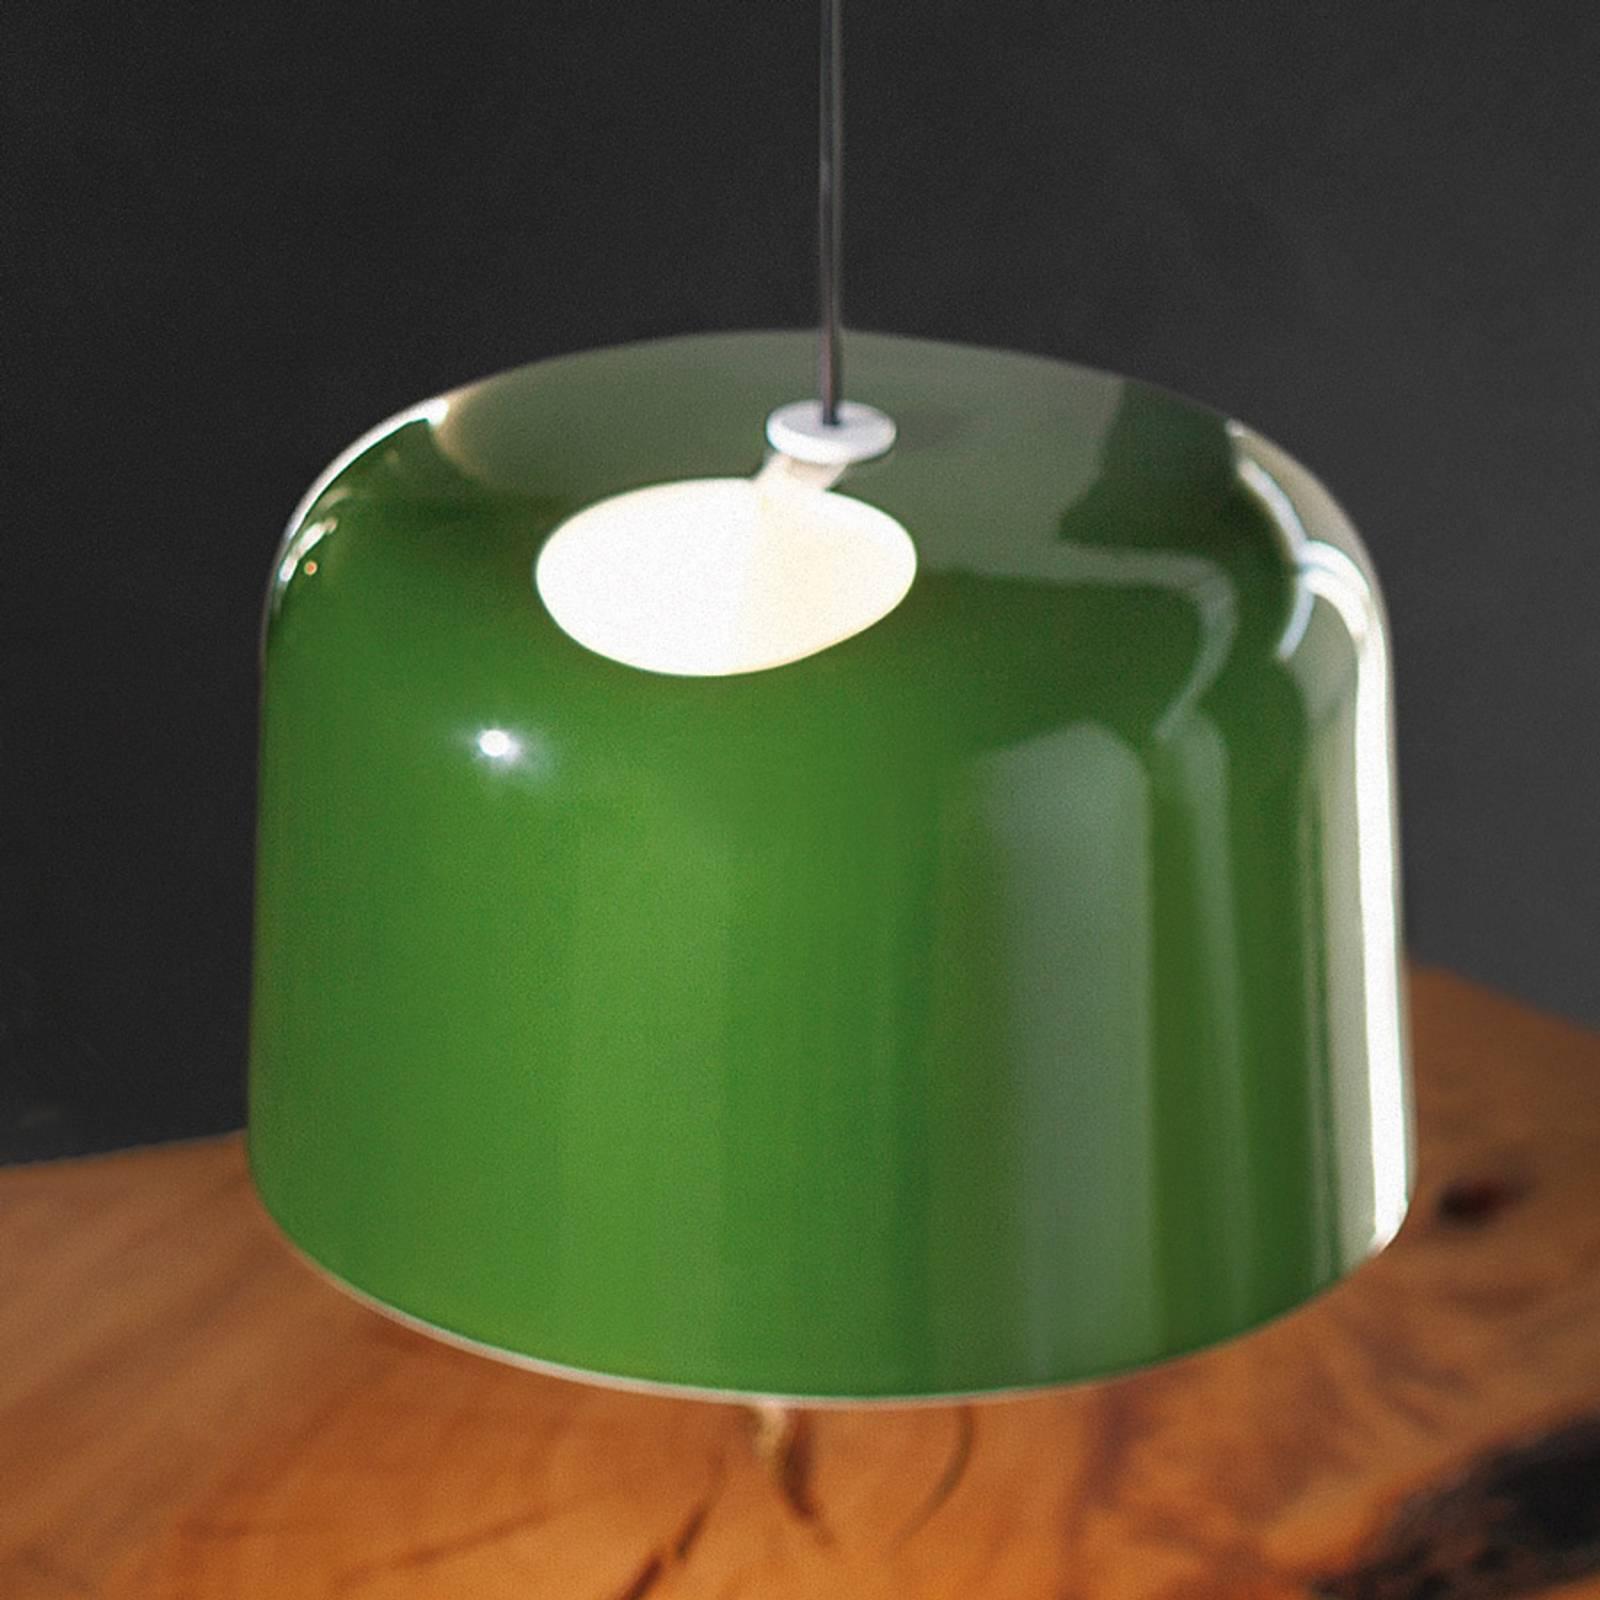 Groen glanzende keramiek-hanglamp Add